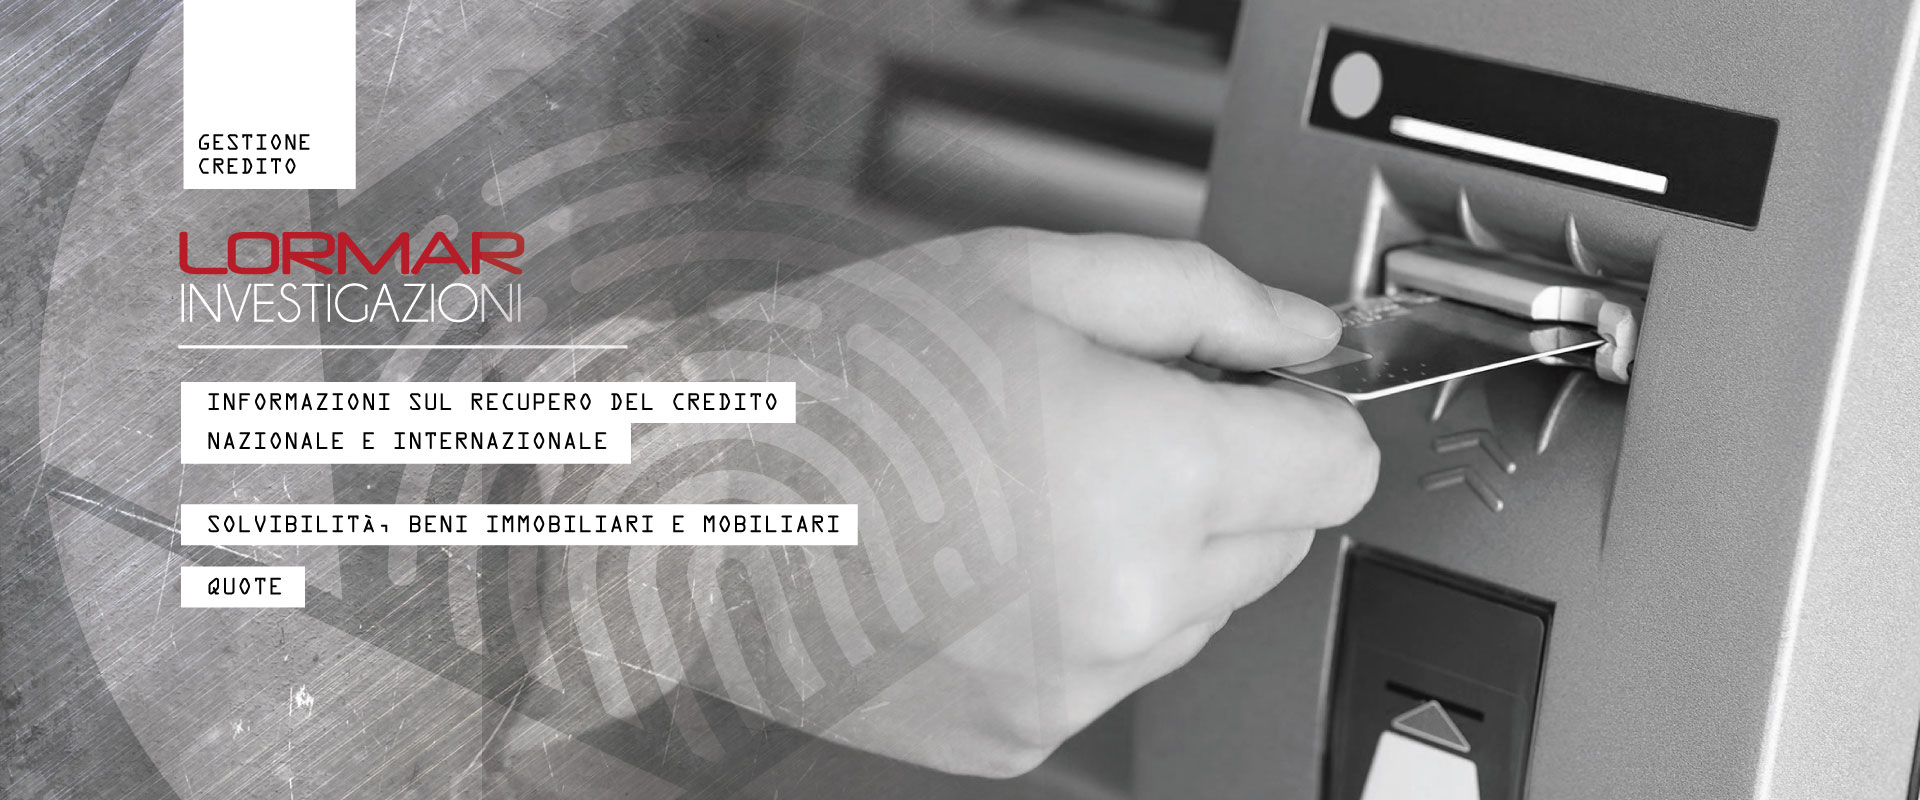 Lormar Investigazioni Velletri